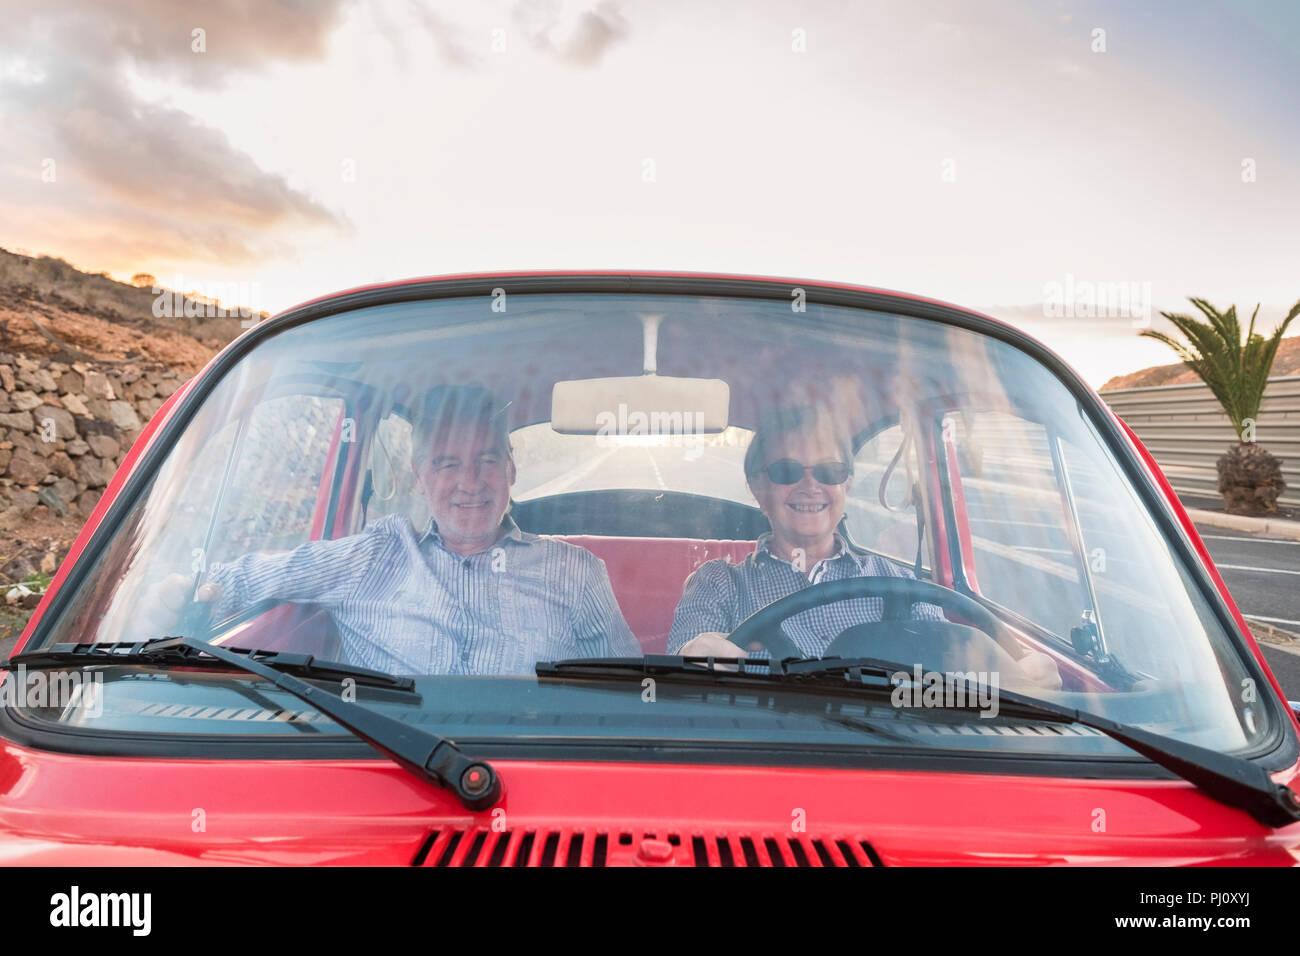 Joli couple dur et de l'amour à l'intérieur d'un vieux millésime rouge voiture garée sur la route. sourit et s'amuser voyageant ensemble. Le bonheur et le mode de vie pour Photo Stock